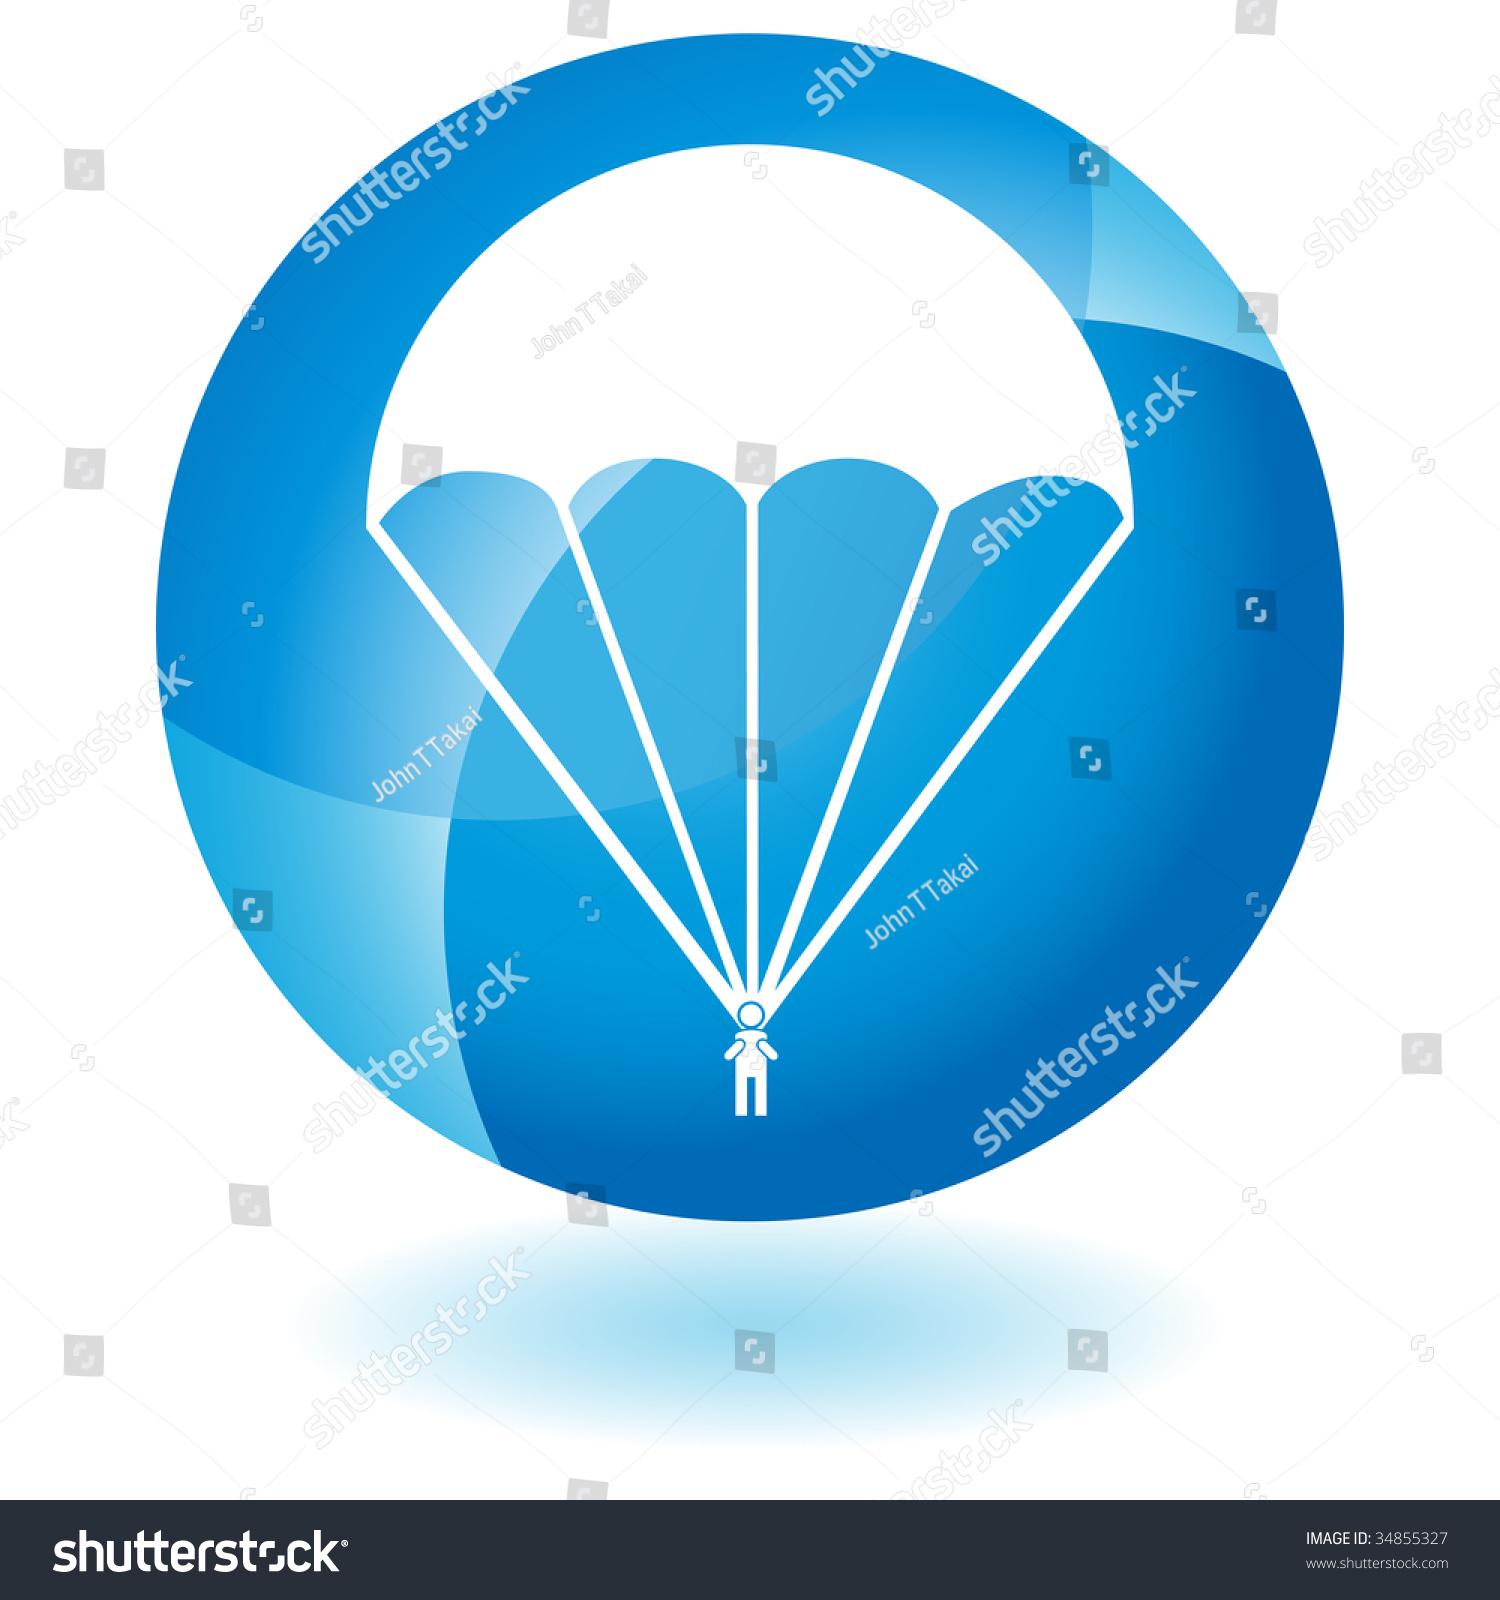 降落伞图标玻璃-插图/剪贴图,交通运输-海洛创意()-合